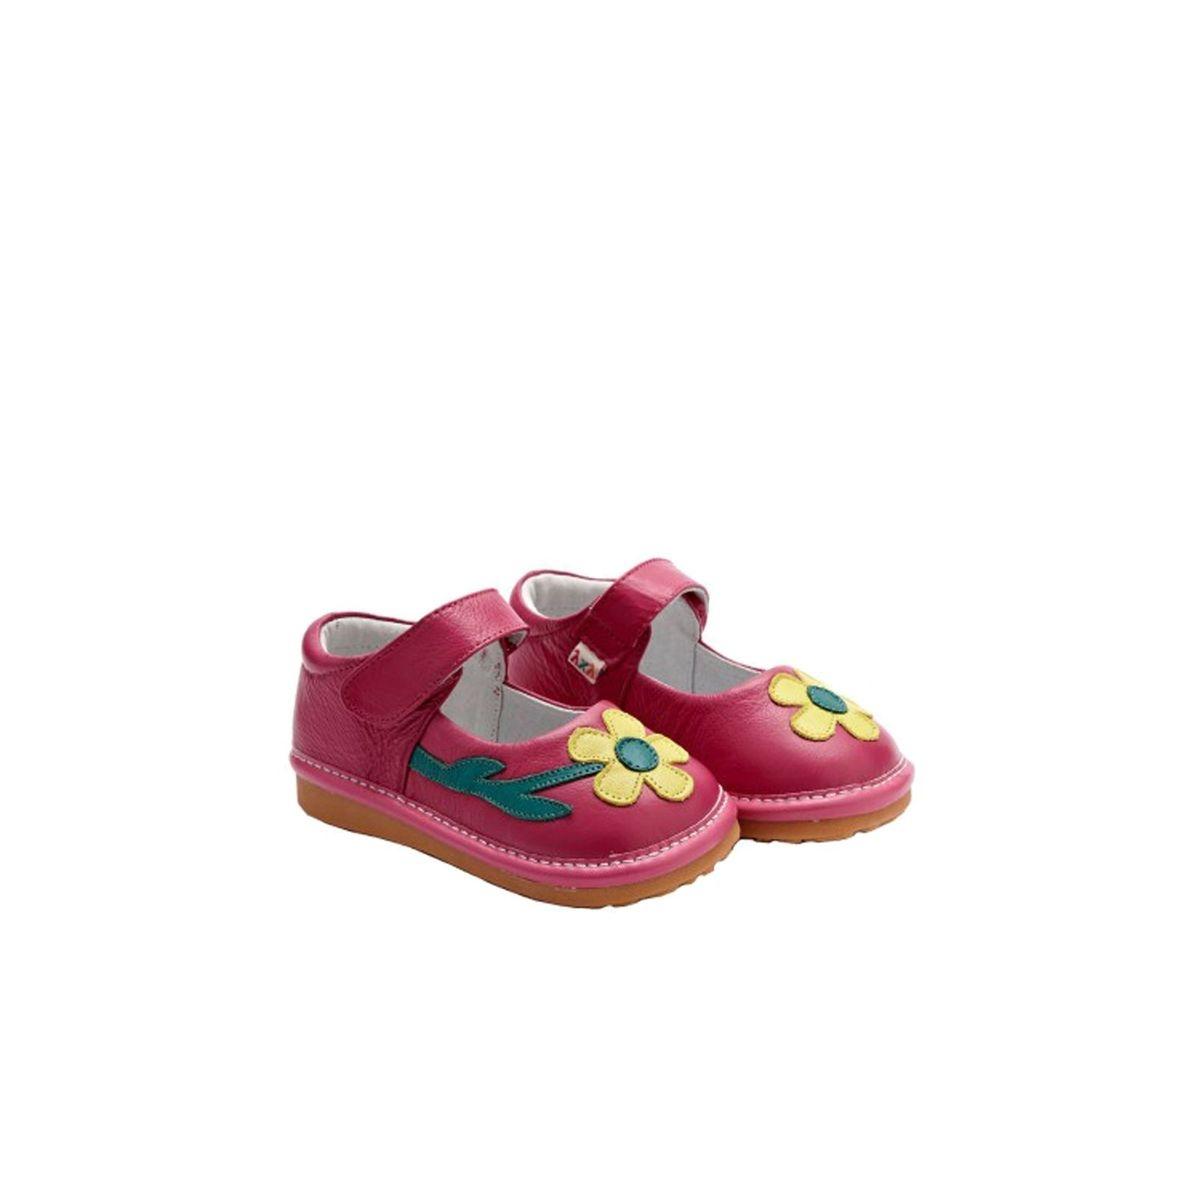 Chaussures semelle souple Babies à fleur